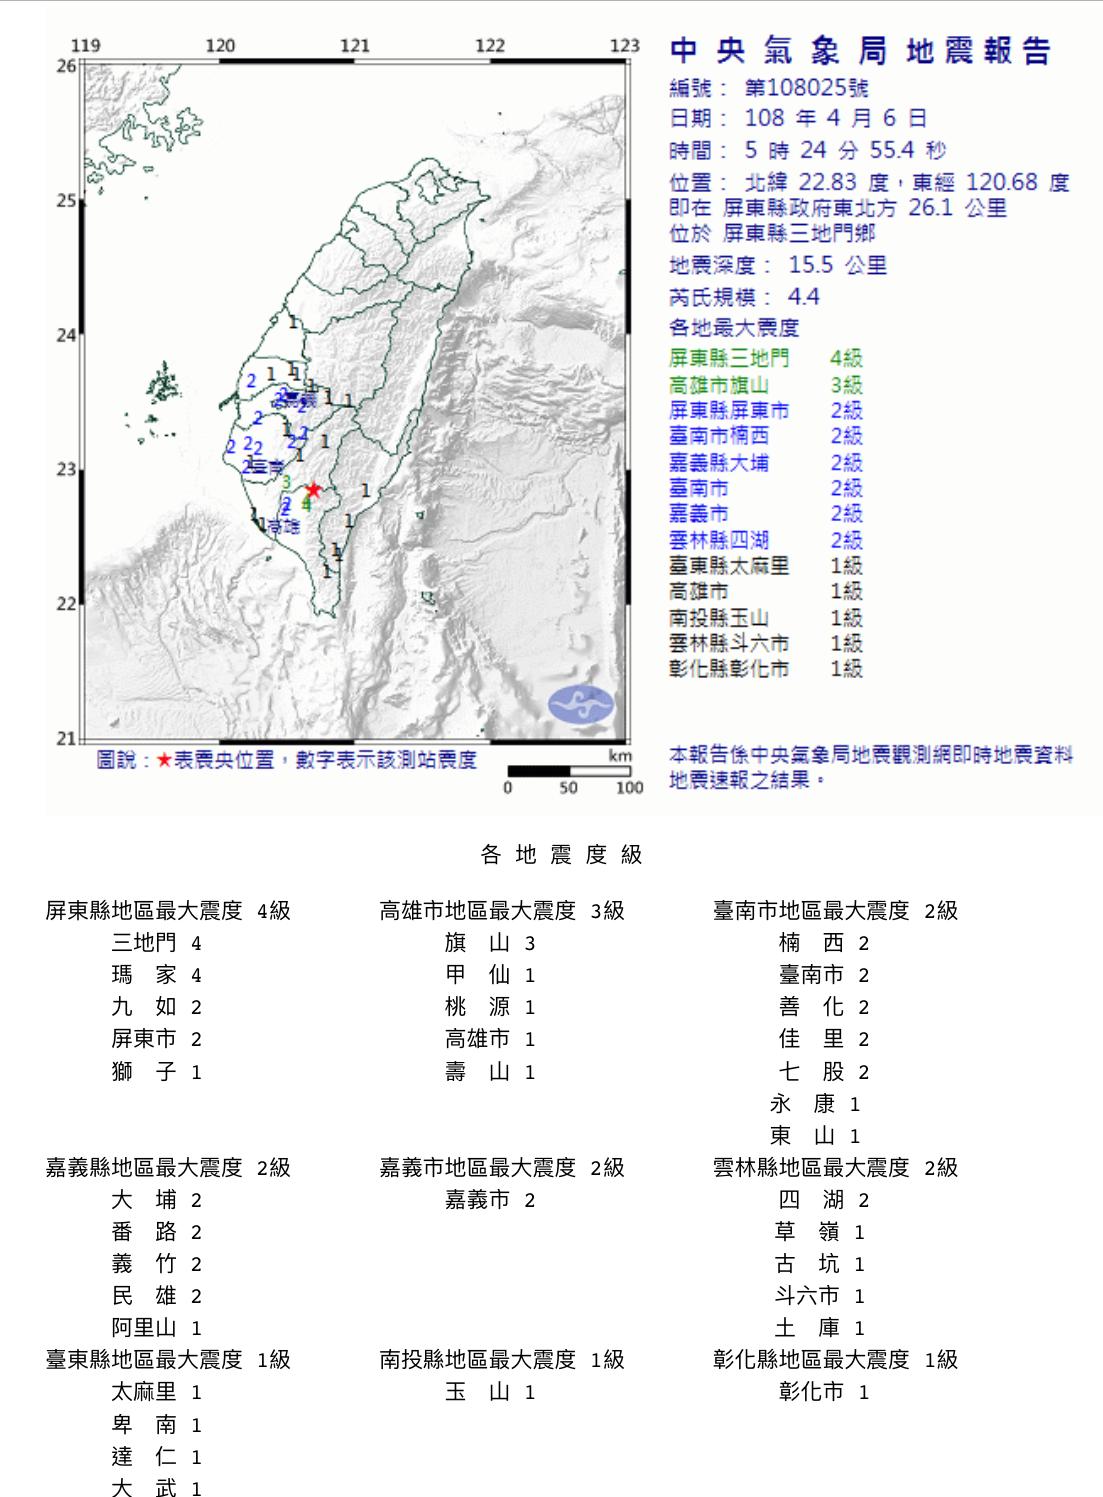 今天清晨5時24分,屏東縣政府東北方 26.1 公里,發生芮氏規模4.4的地震,...